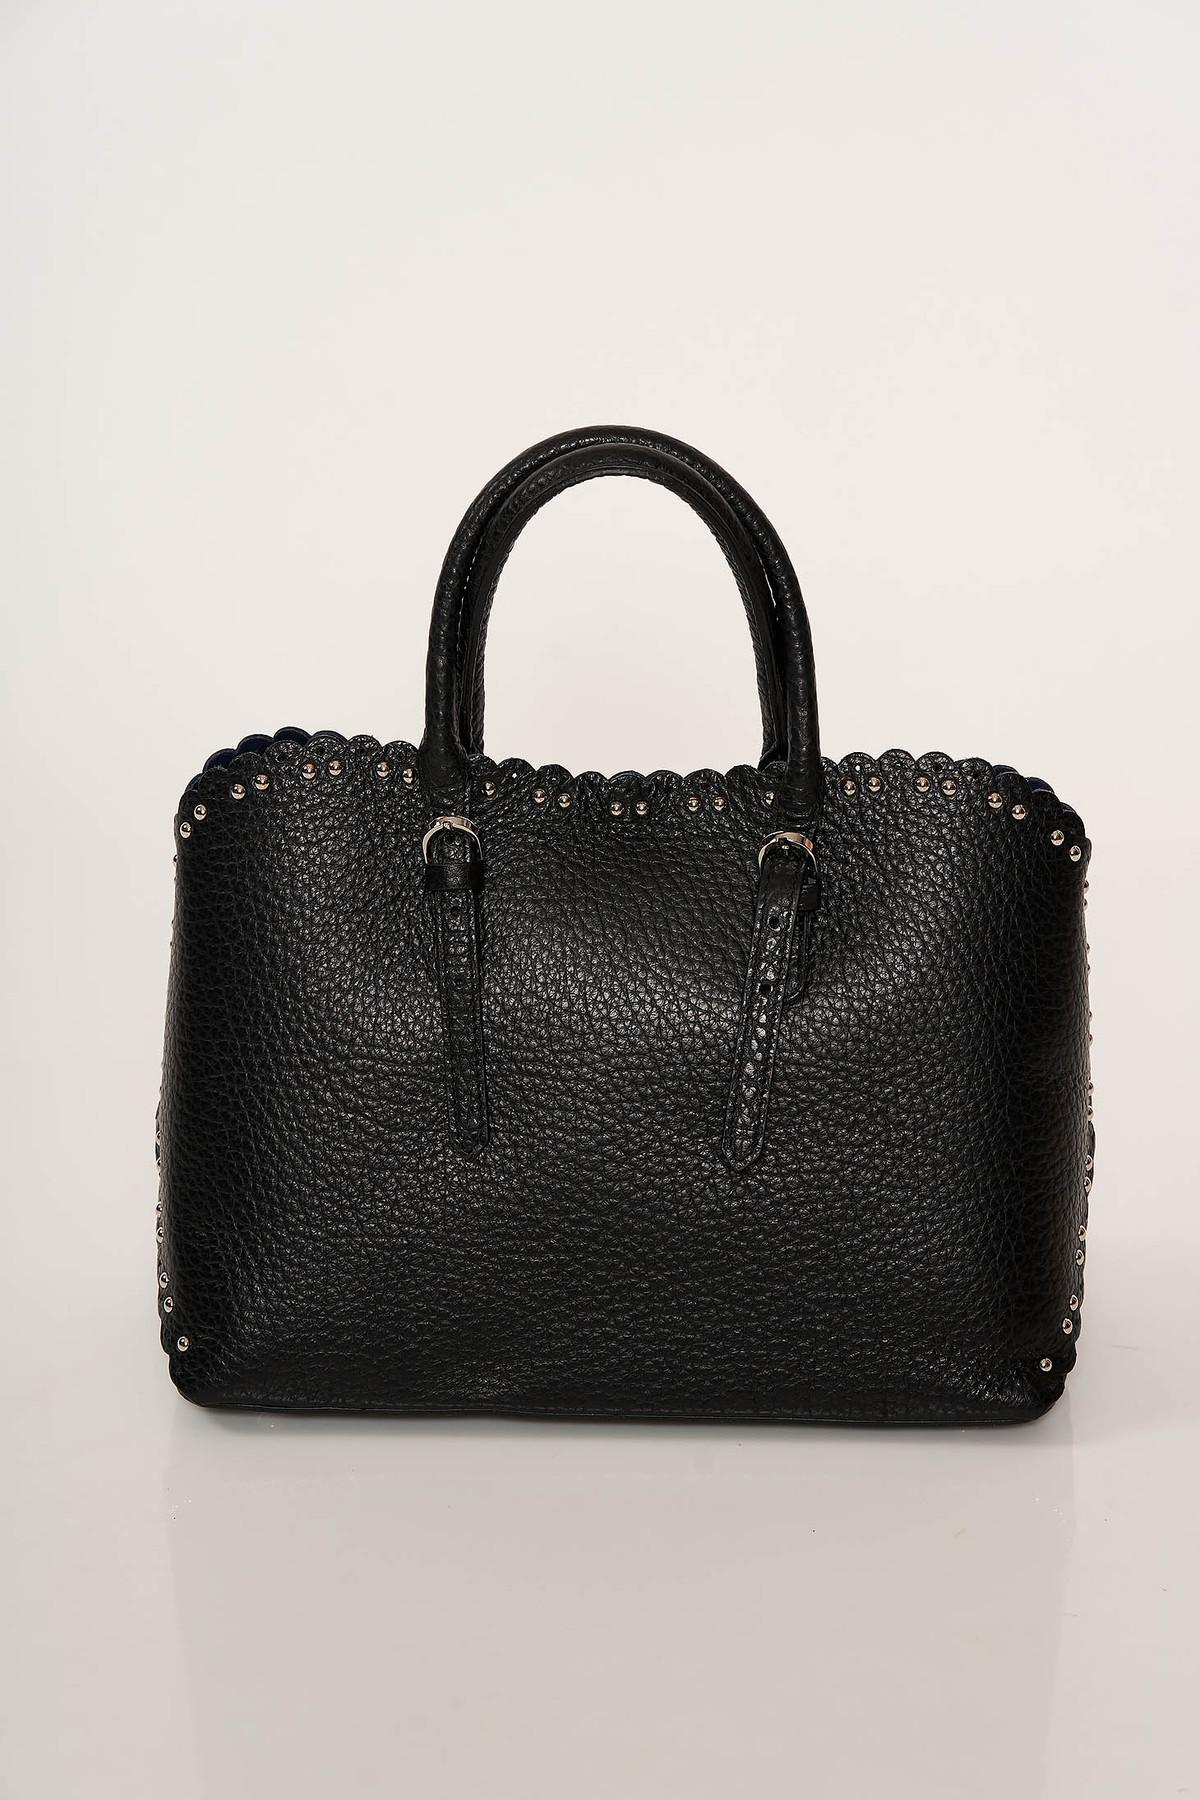 Geanta dama neagra office din piele naturala cu tinte metalice cu manere scurte